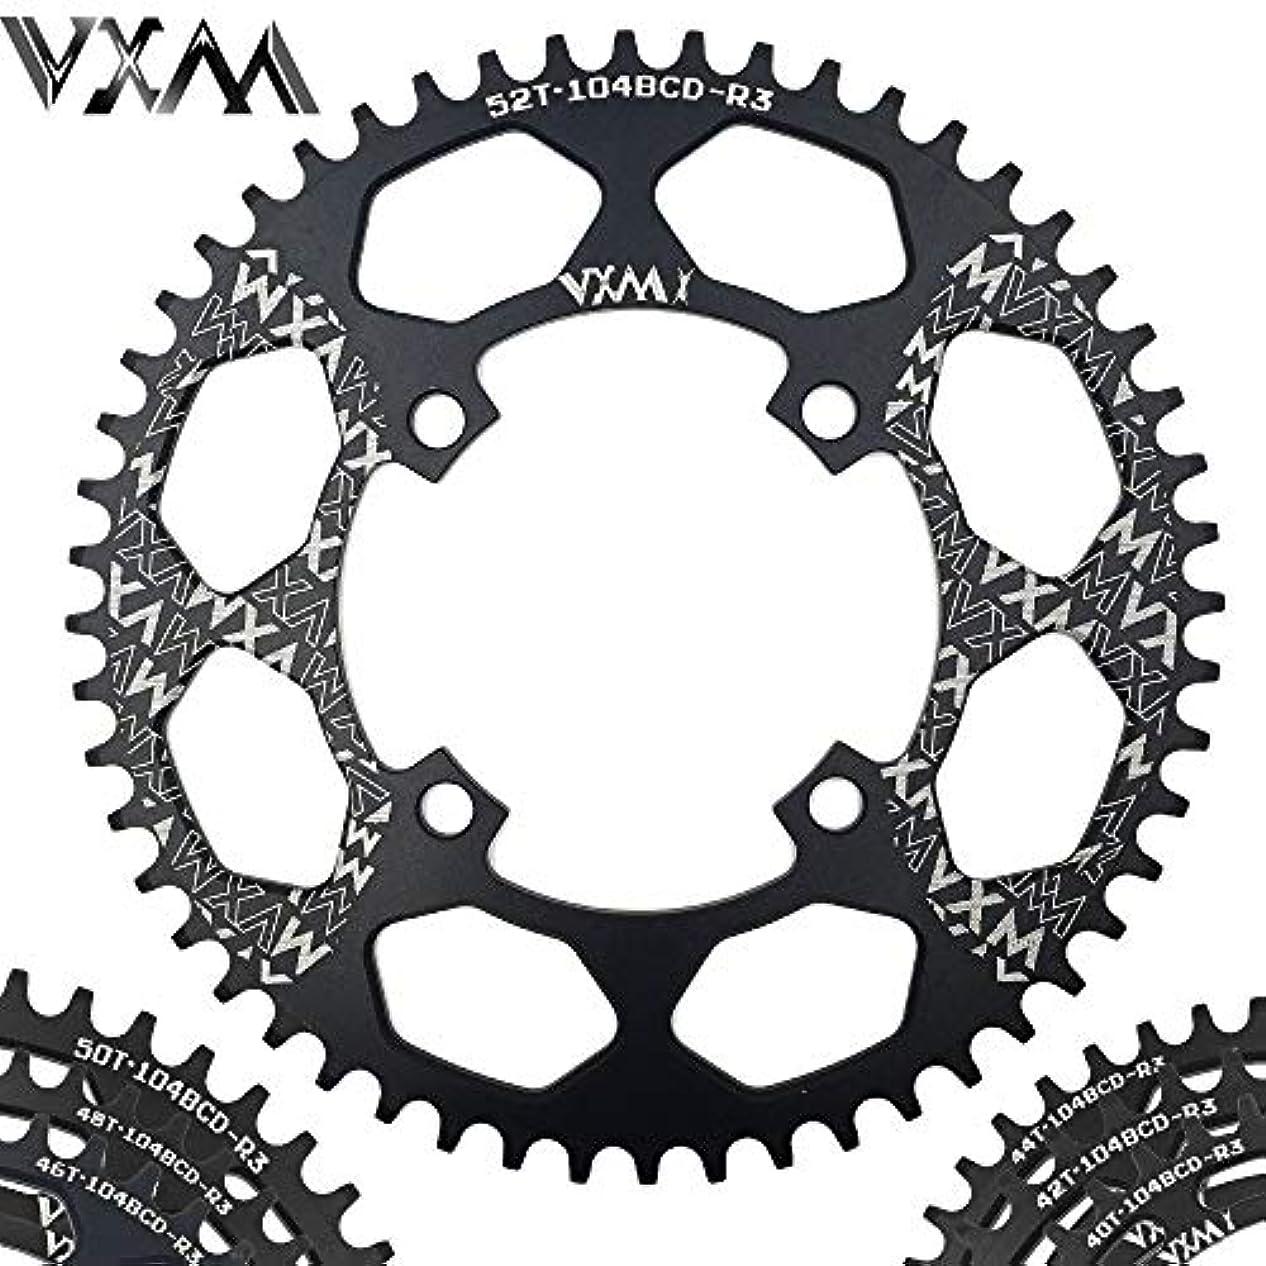 単に帰する腹Propenary - Bicycle Aluminum Chainring 104BCD 40T 42T 44T 46T 48T 50T 52T Mountain Bicycle Chainwheel Bike Crankset Bicycle Parts [ 104BCD 50T ]